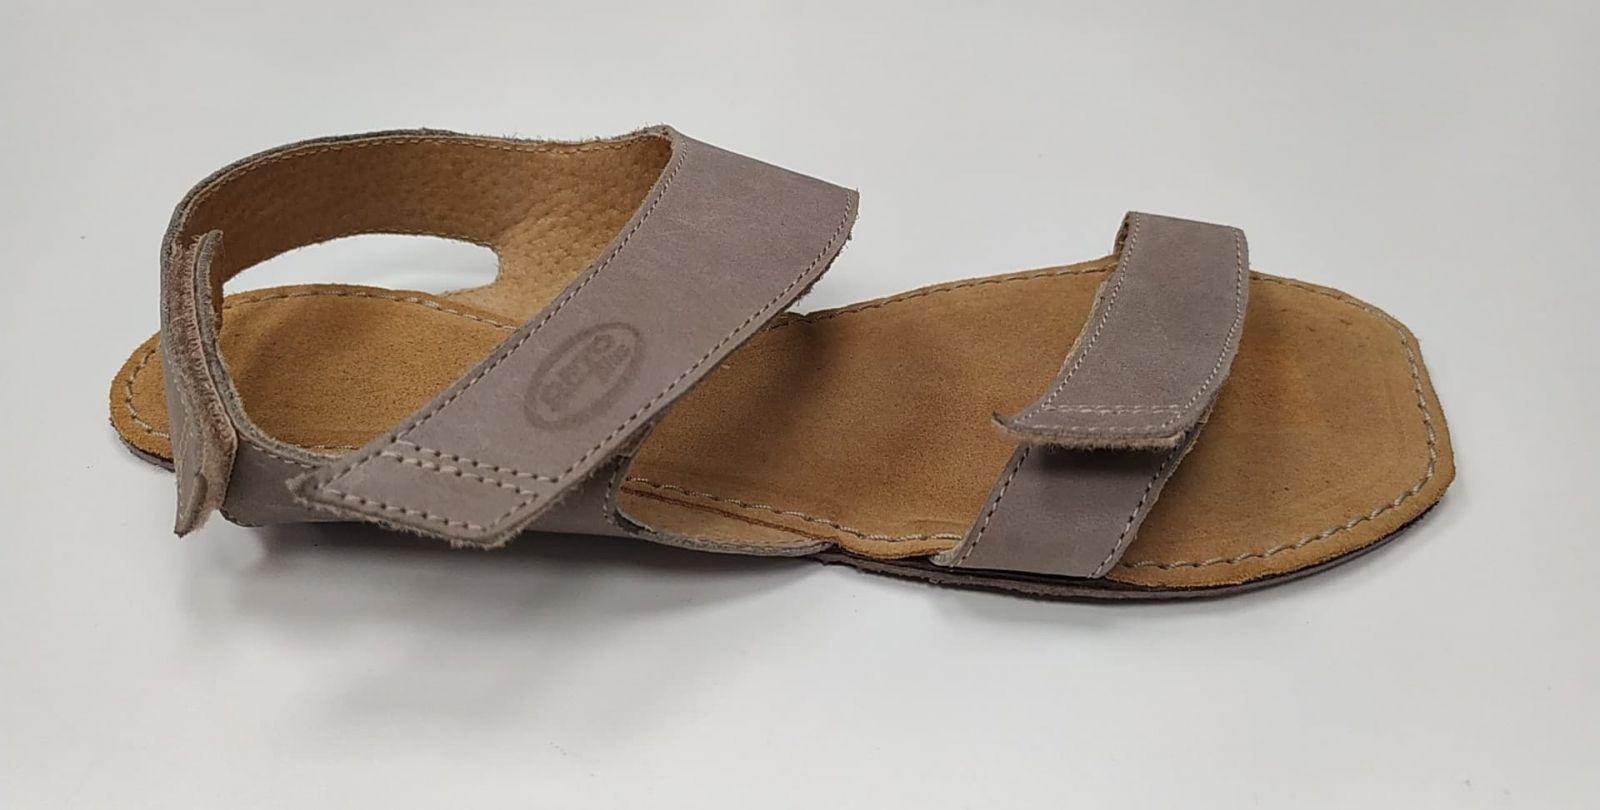 Barefoot Barefoot sandále Bora šedé ORTOplus Barefoot bosá